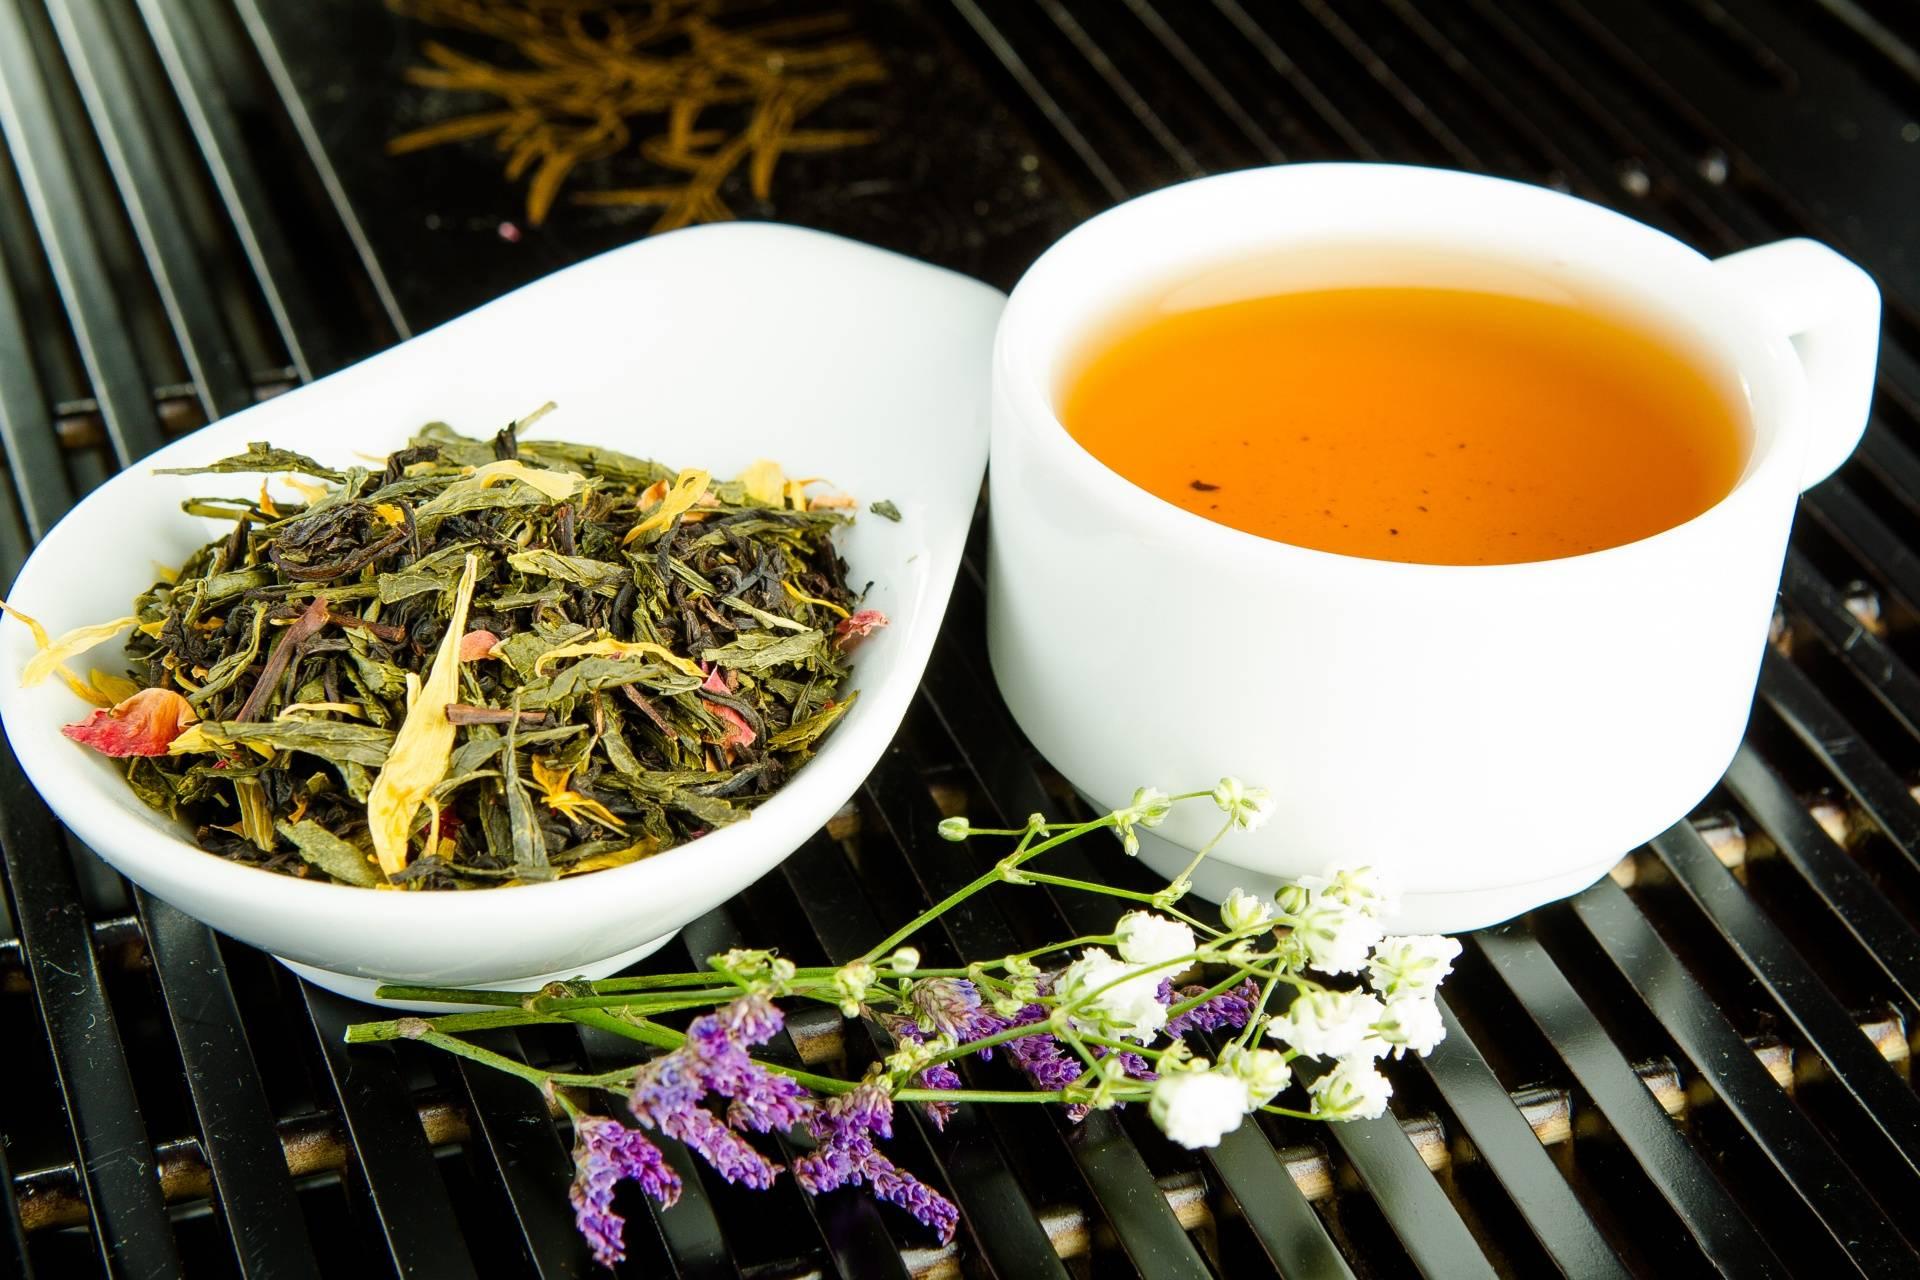 От чая до самогона, от плова до десерта: куда добавлять гвоздику и в каких количествах?